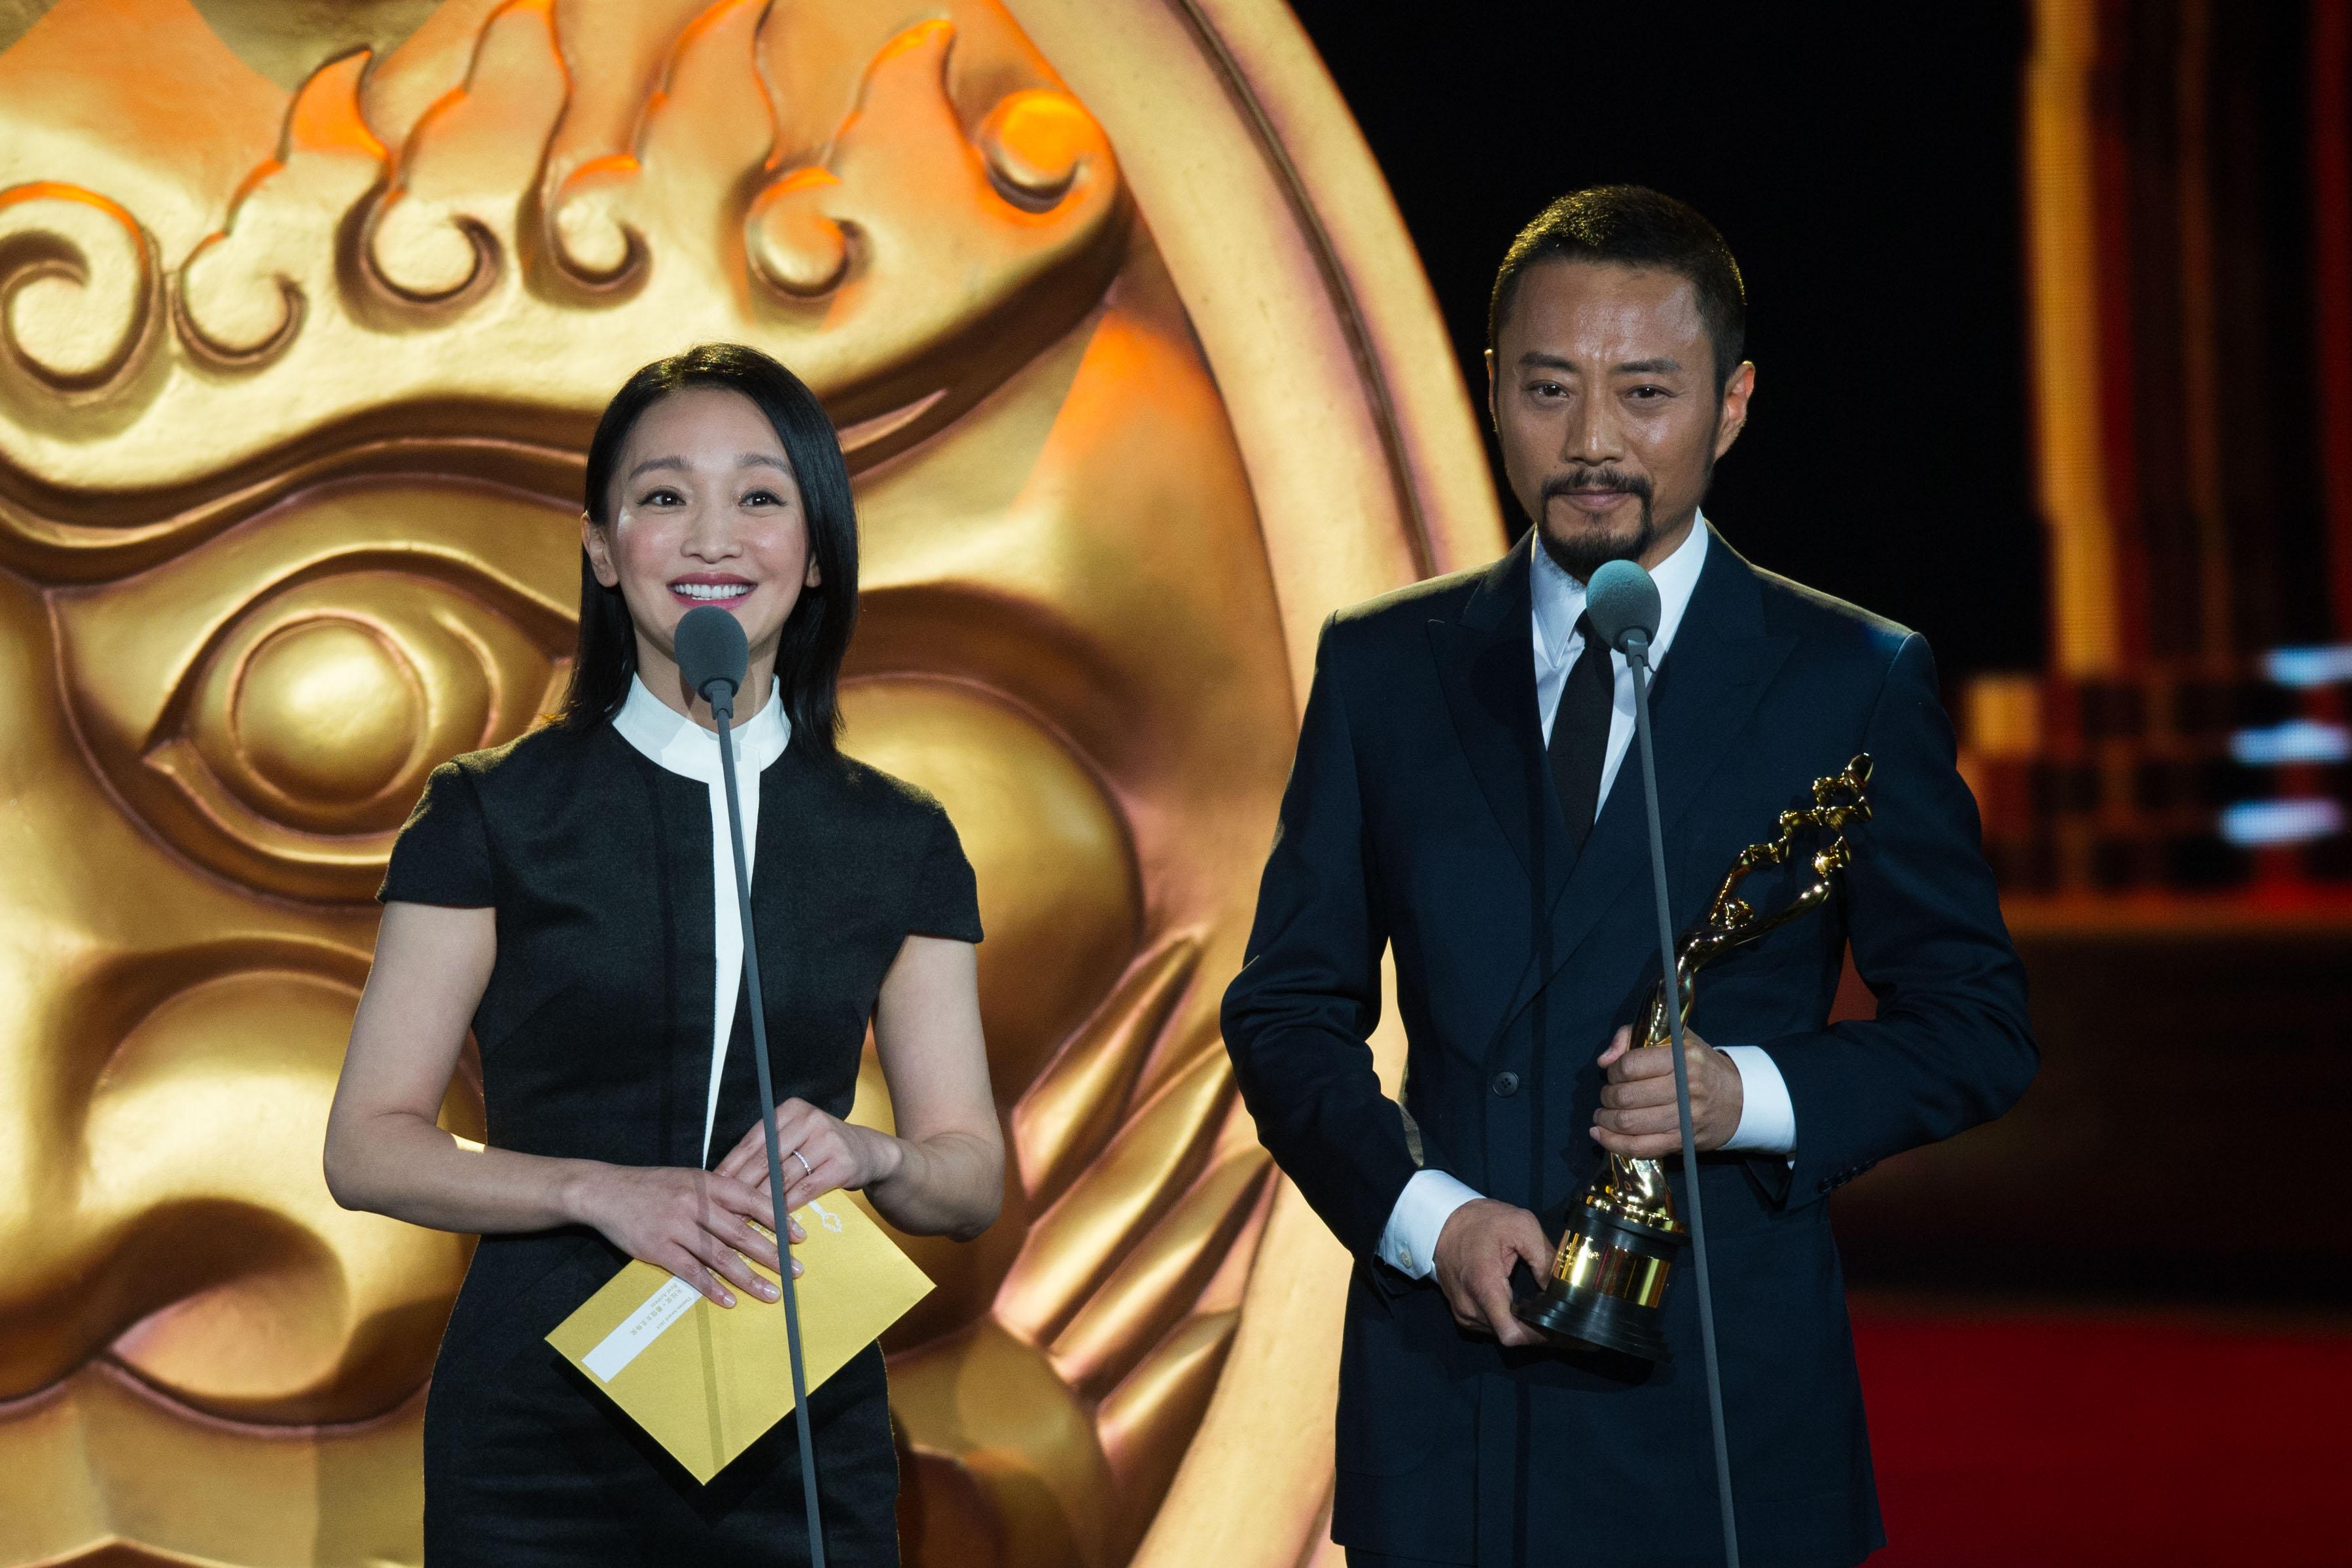 """当日,在第五届北京国际电影节颁奖典礼上,""""天坛奖""""各奖项逐一揭晓.图片"""